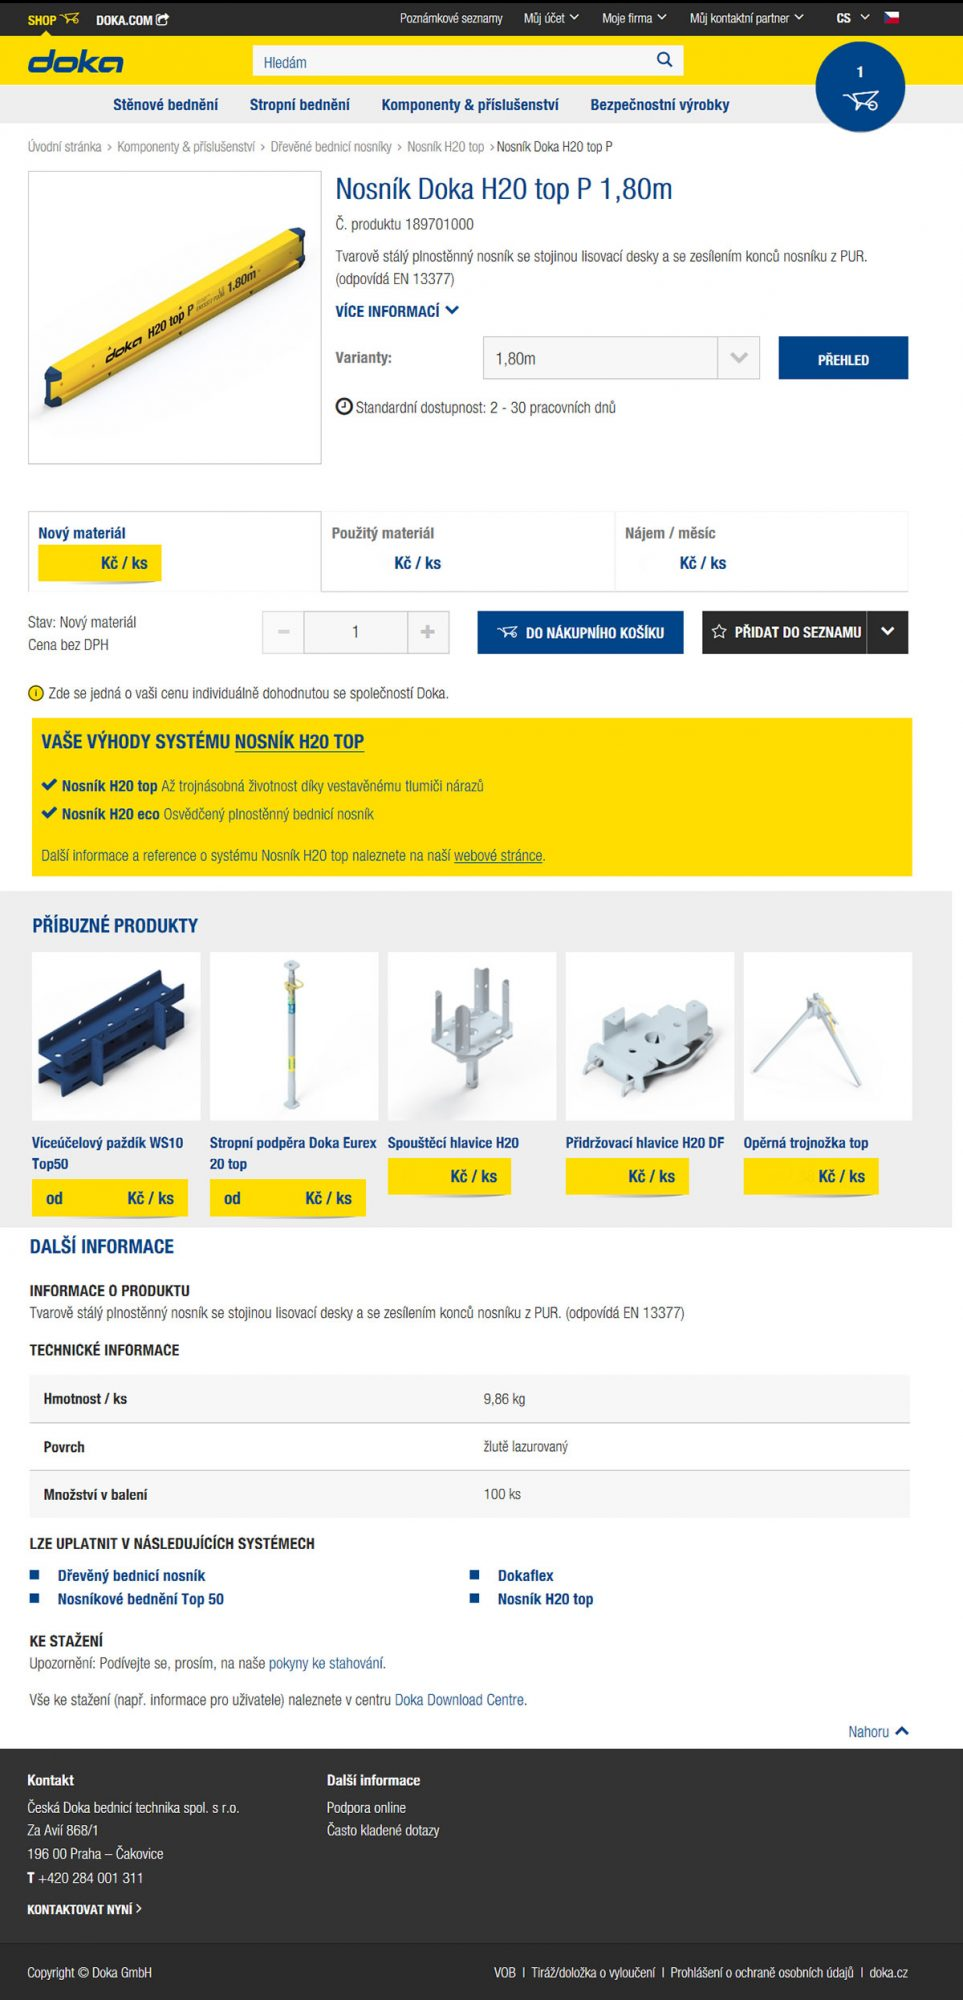 Internetový obchod shop.doka.com nabízí bednicí techniku i komponenty ke koupi i do nájmu. Kdykoliv, odkudkoliv a bezkontaktně :-)